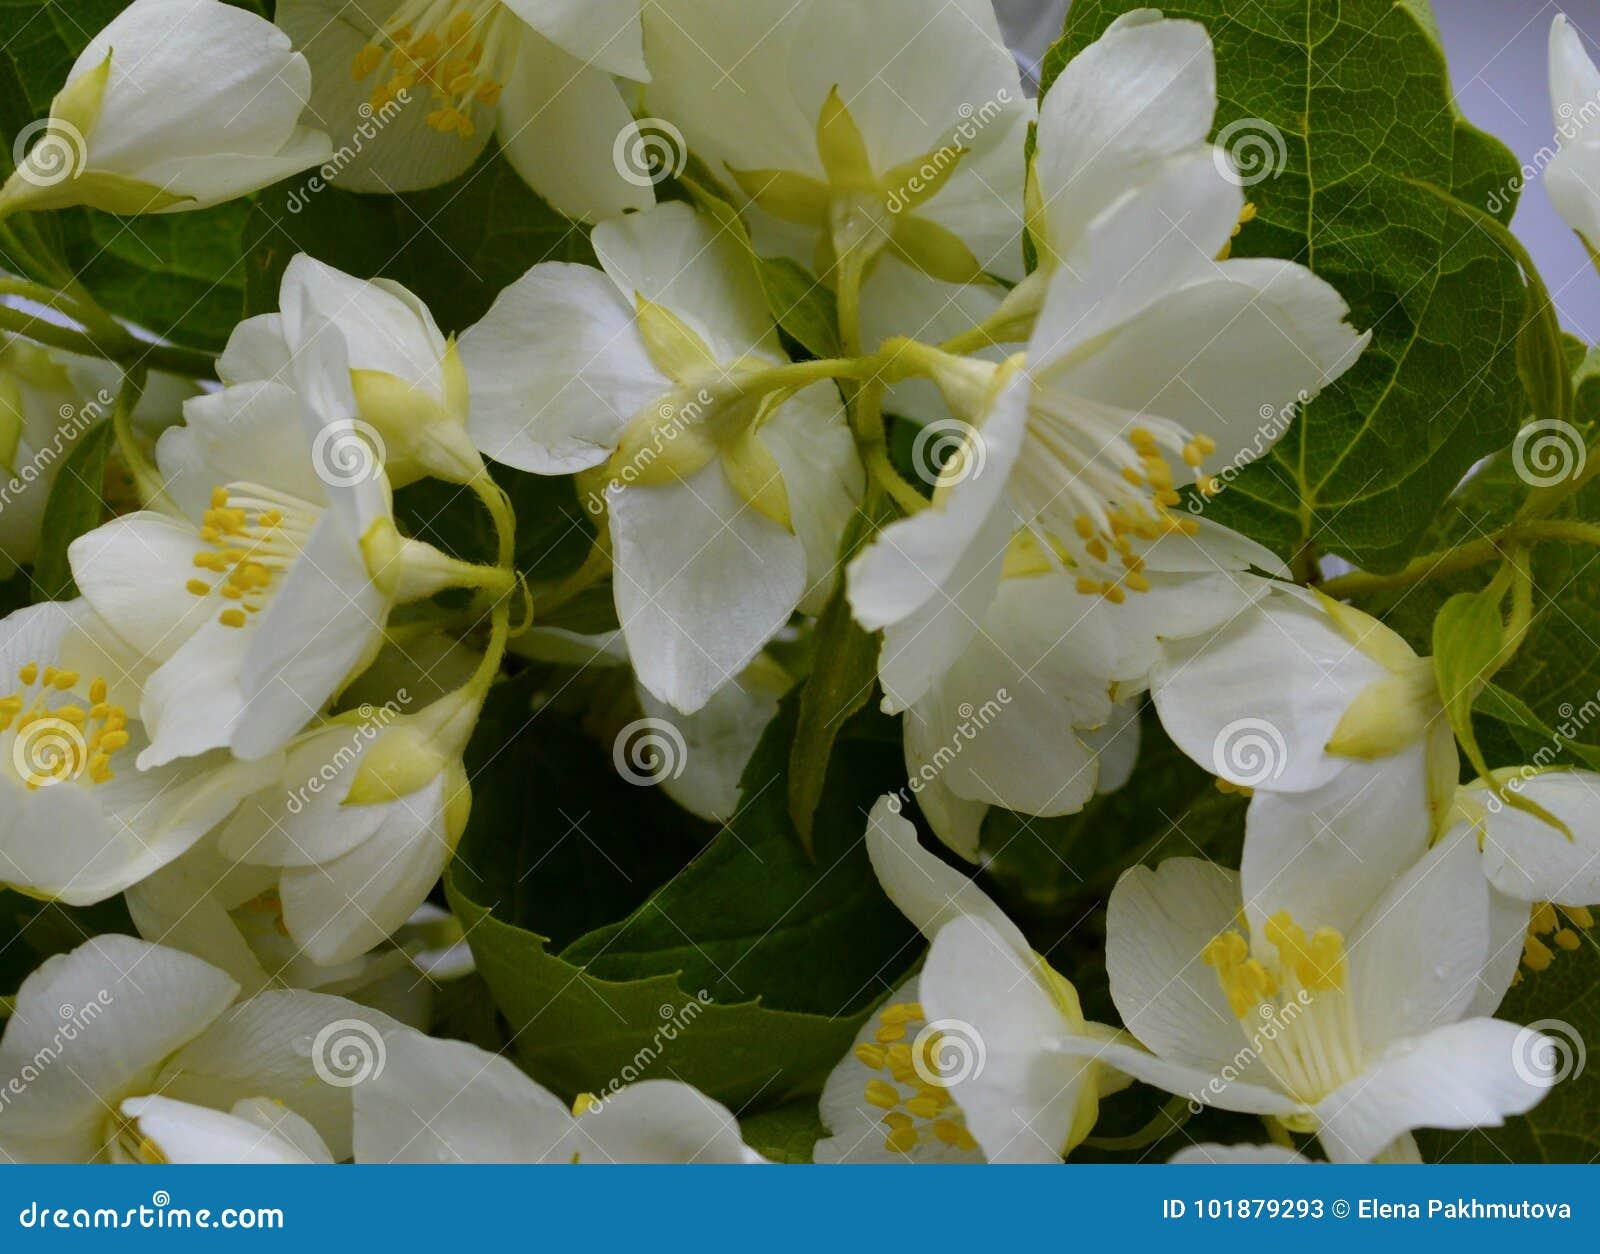 Красоты вишни лепестка флоры лета лист крупного плана цветений цвета яблока сезона ветви картины ткани боярышника blo флористичес